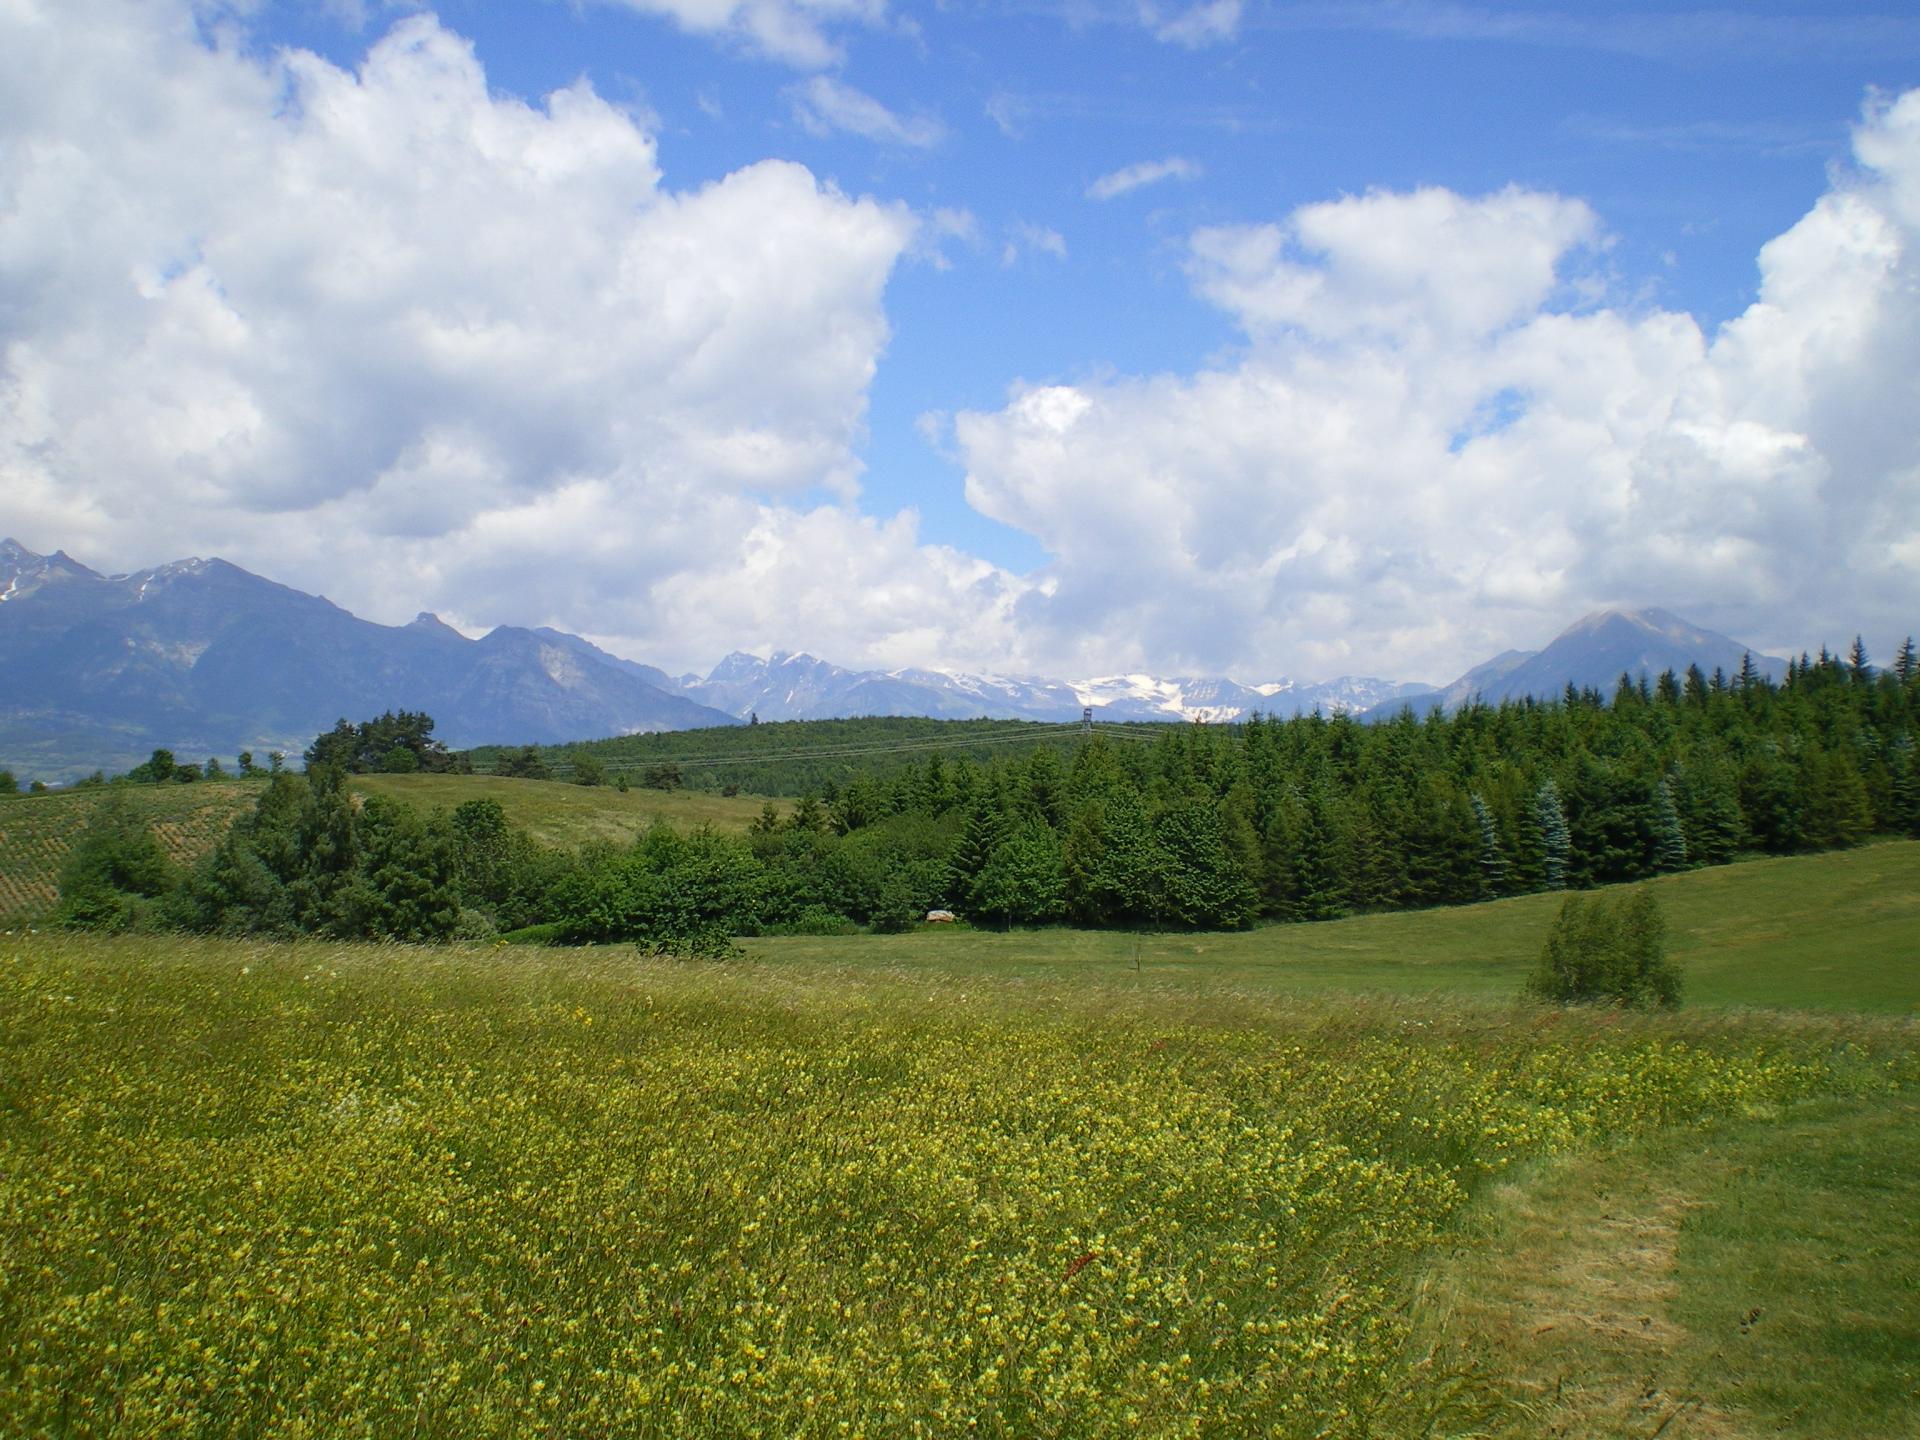 A l'Est, les sommets du Champsaur et des Ecrins